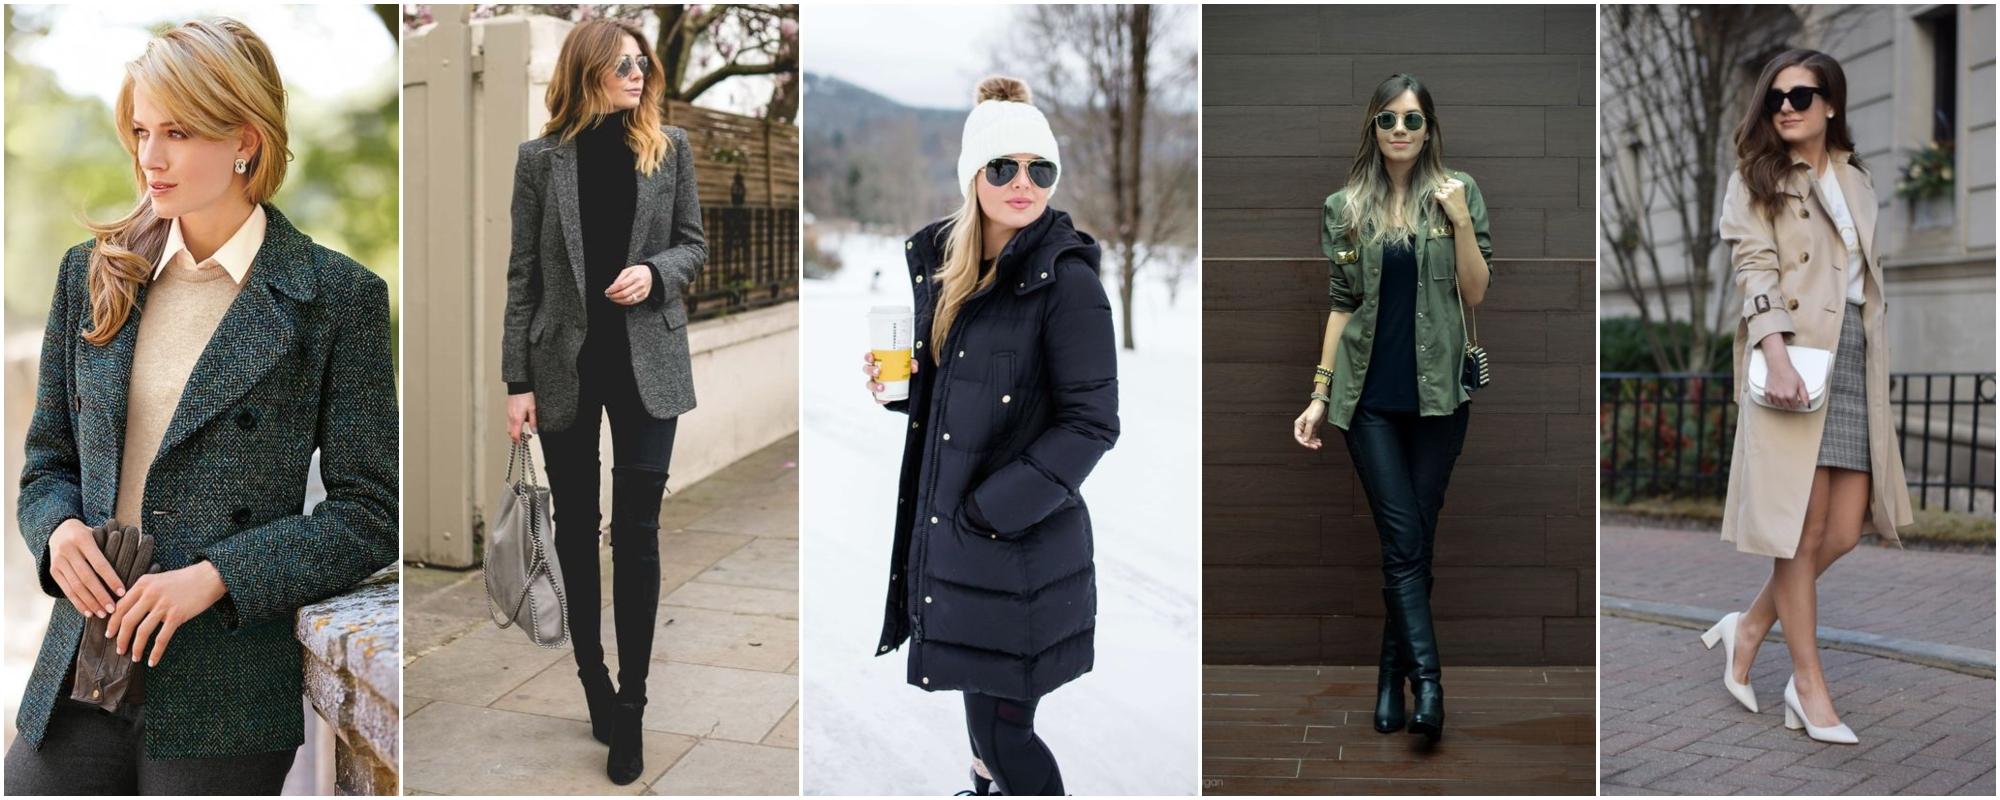 7 tipos de casacos para trabalhar arrasando neste inverno